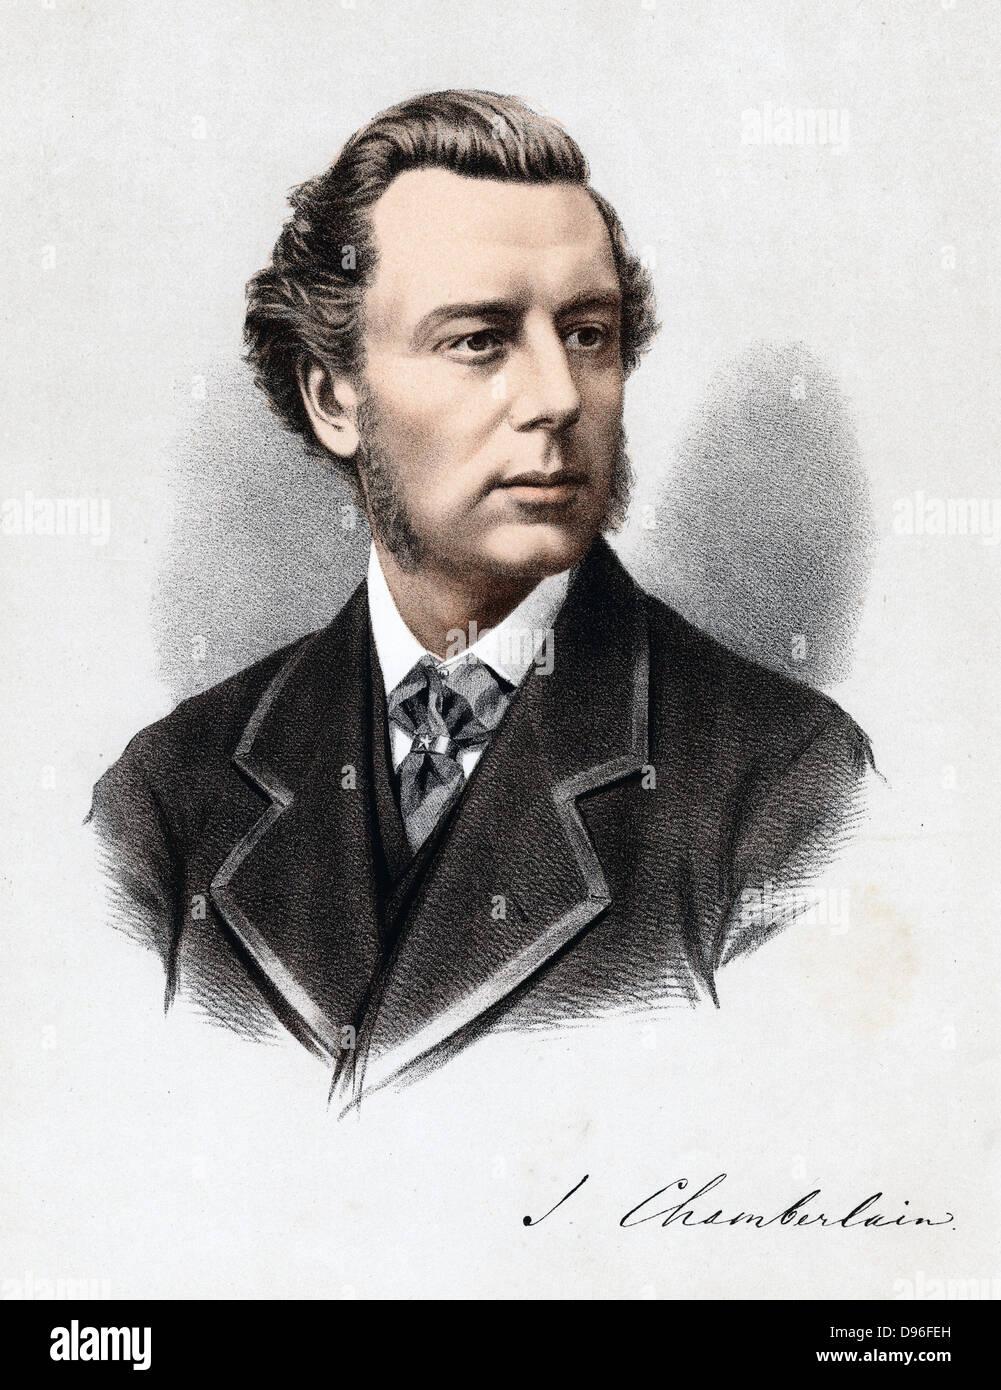 Joseph Chamberlain (1836-1914) British Liberal statesman. Tinted lithograph published c1880 Stock Photo